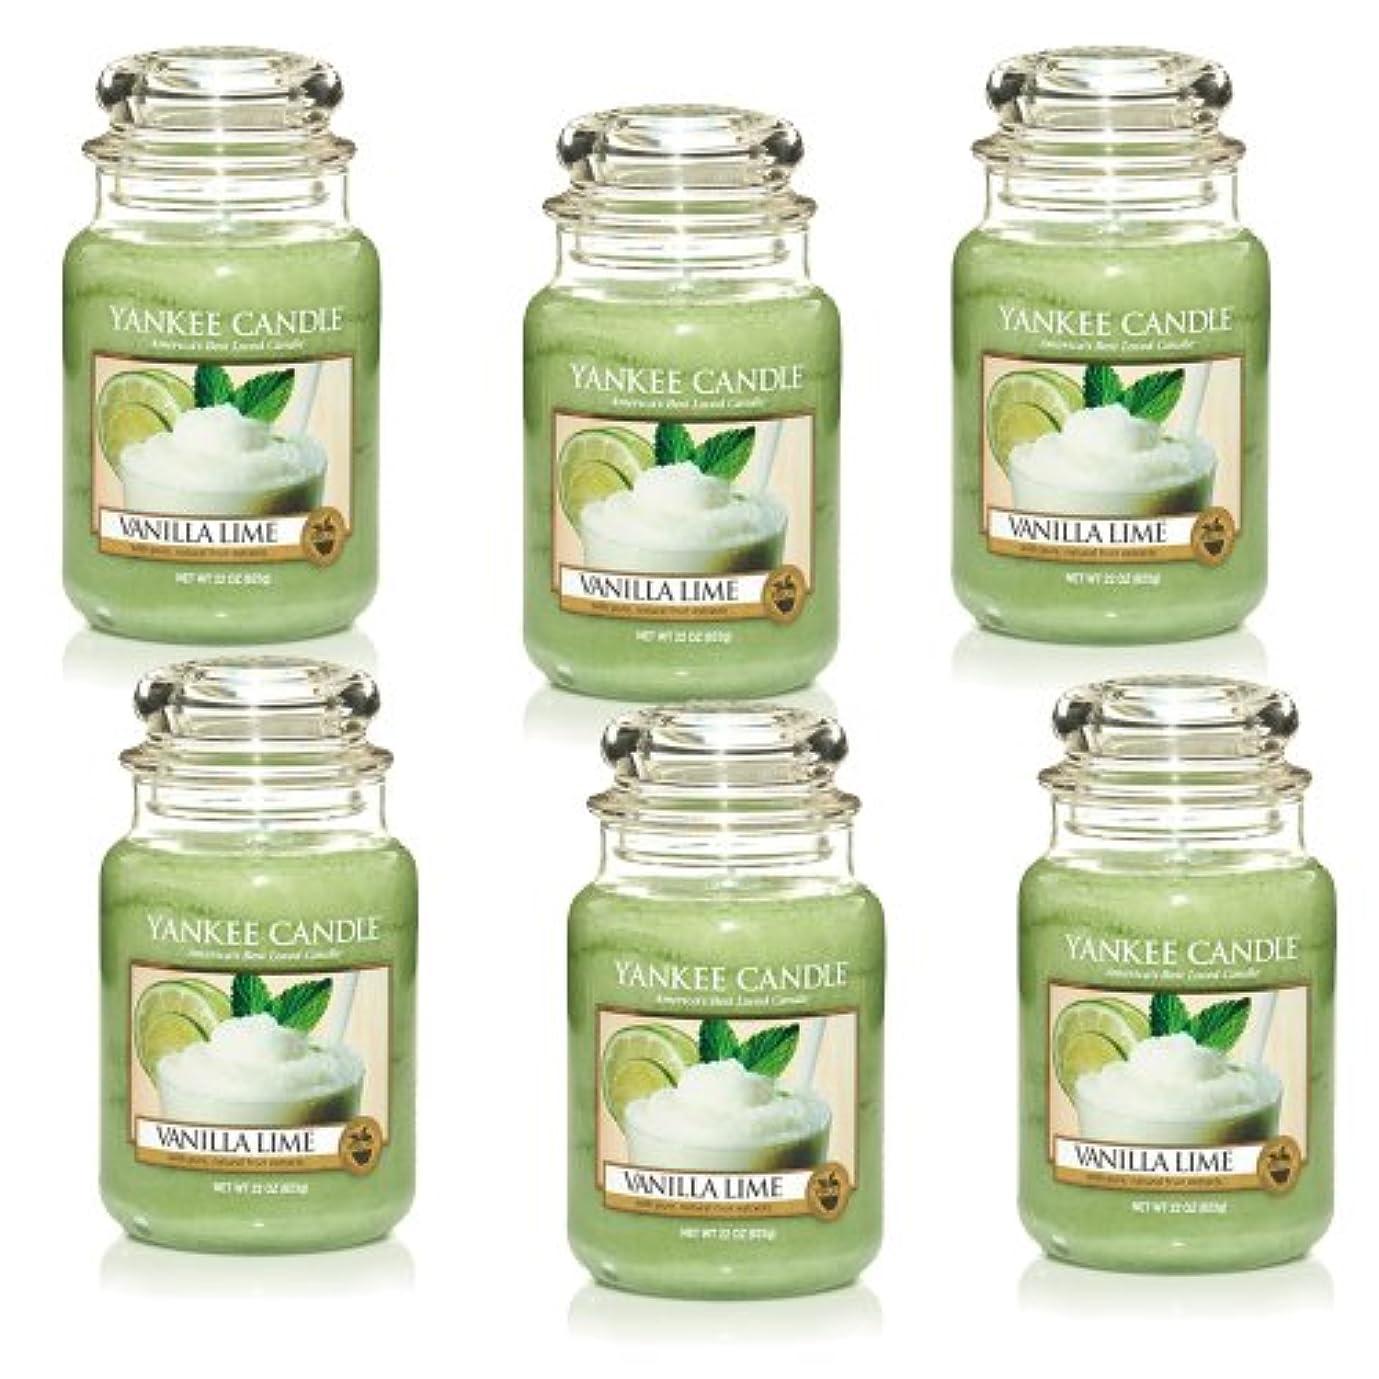 バンドラメ不機嫌Yankee CandleバニラライムLarge Jar 22oz Candle Set of 6 1106730X6